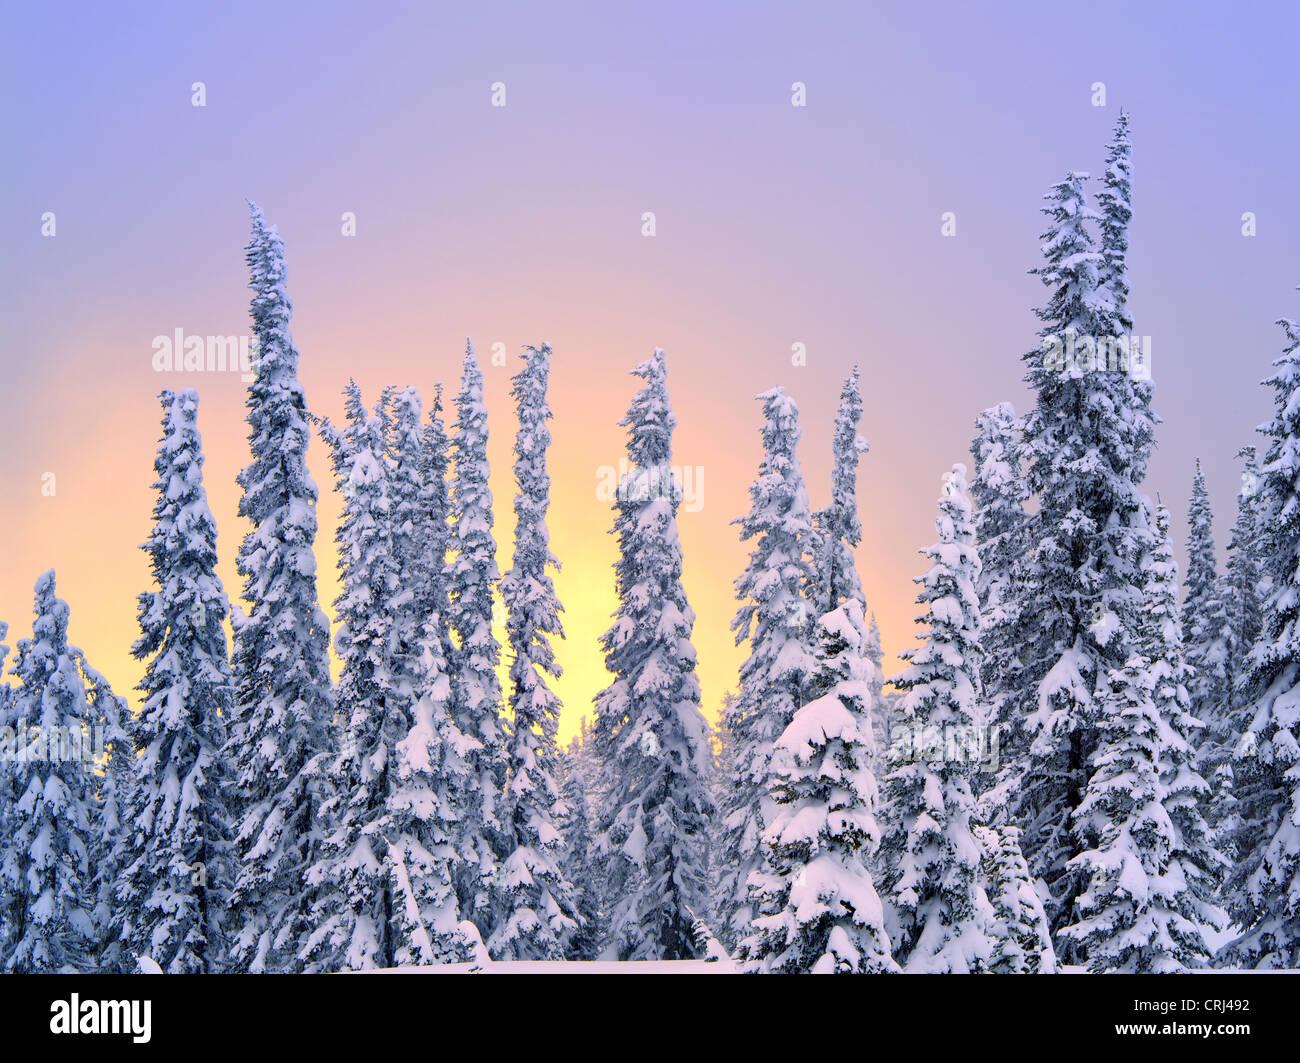 Neve su alberi con colori del tramonto. Mt. Rainier National Park, Washington Immagini Stock